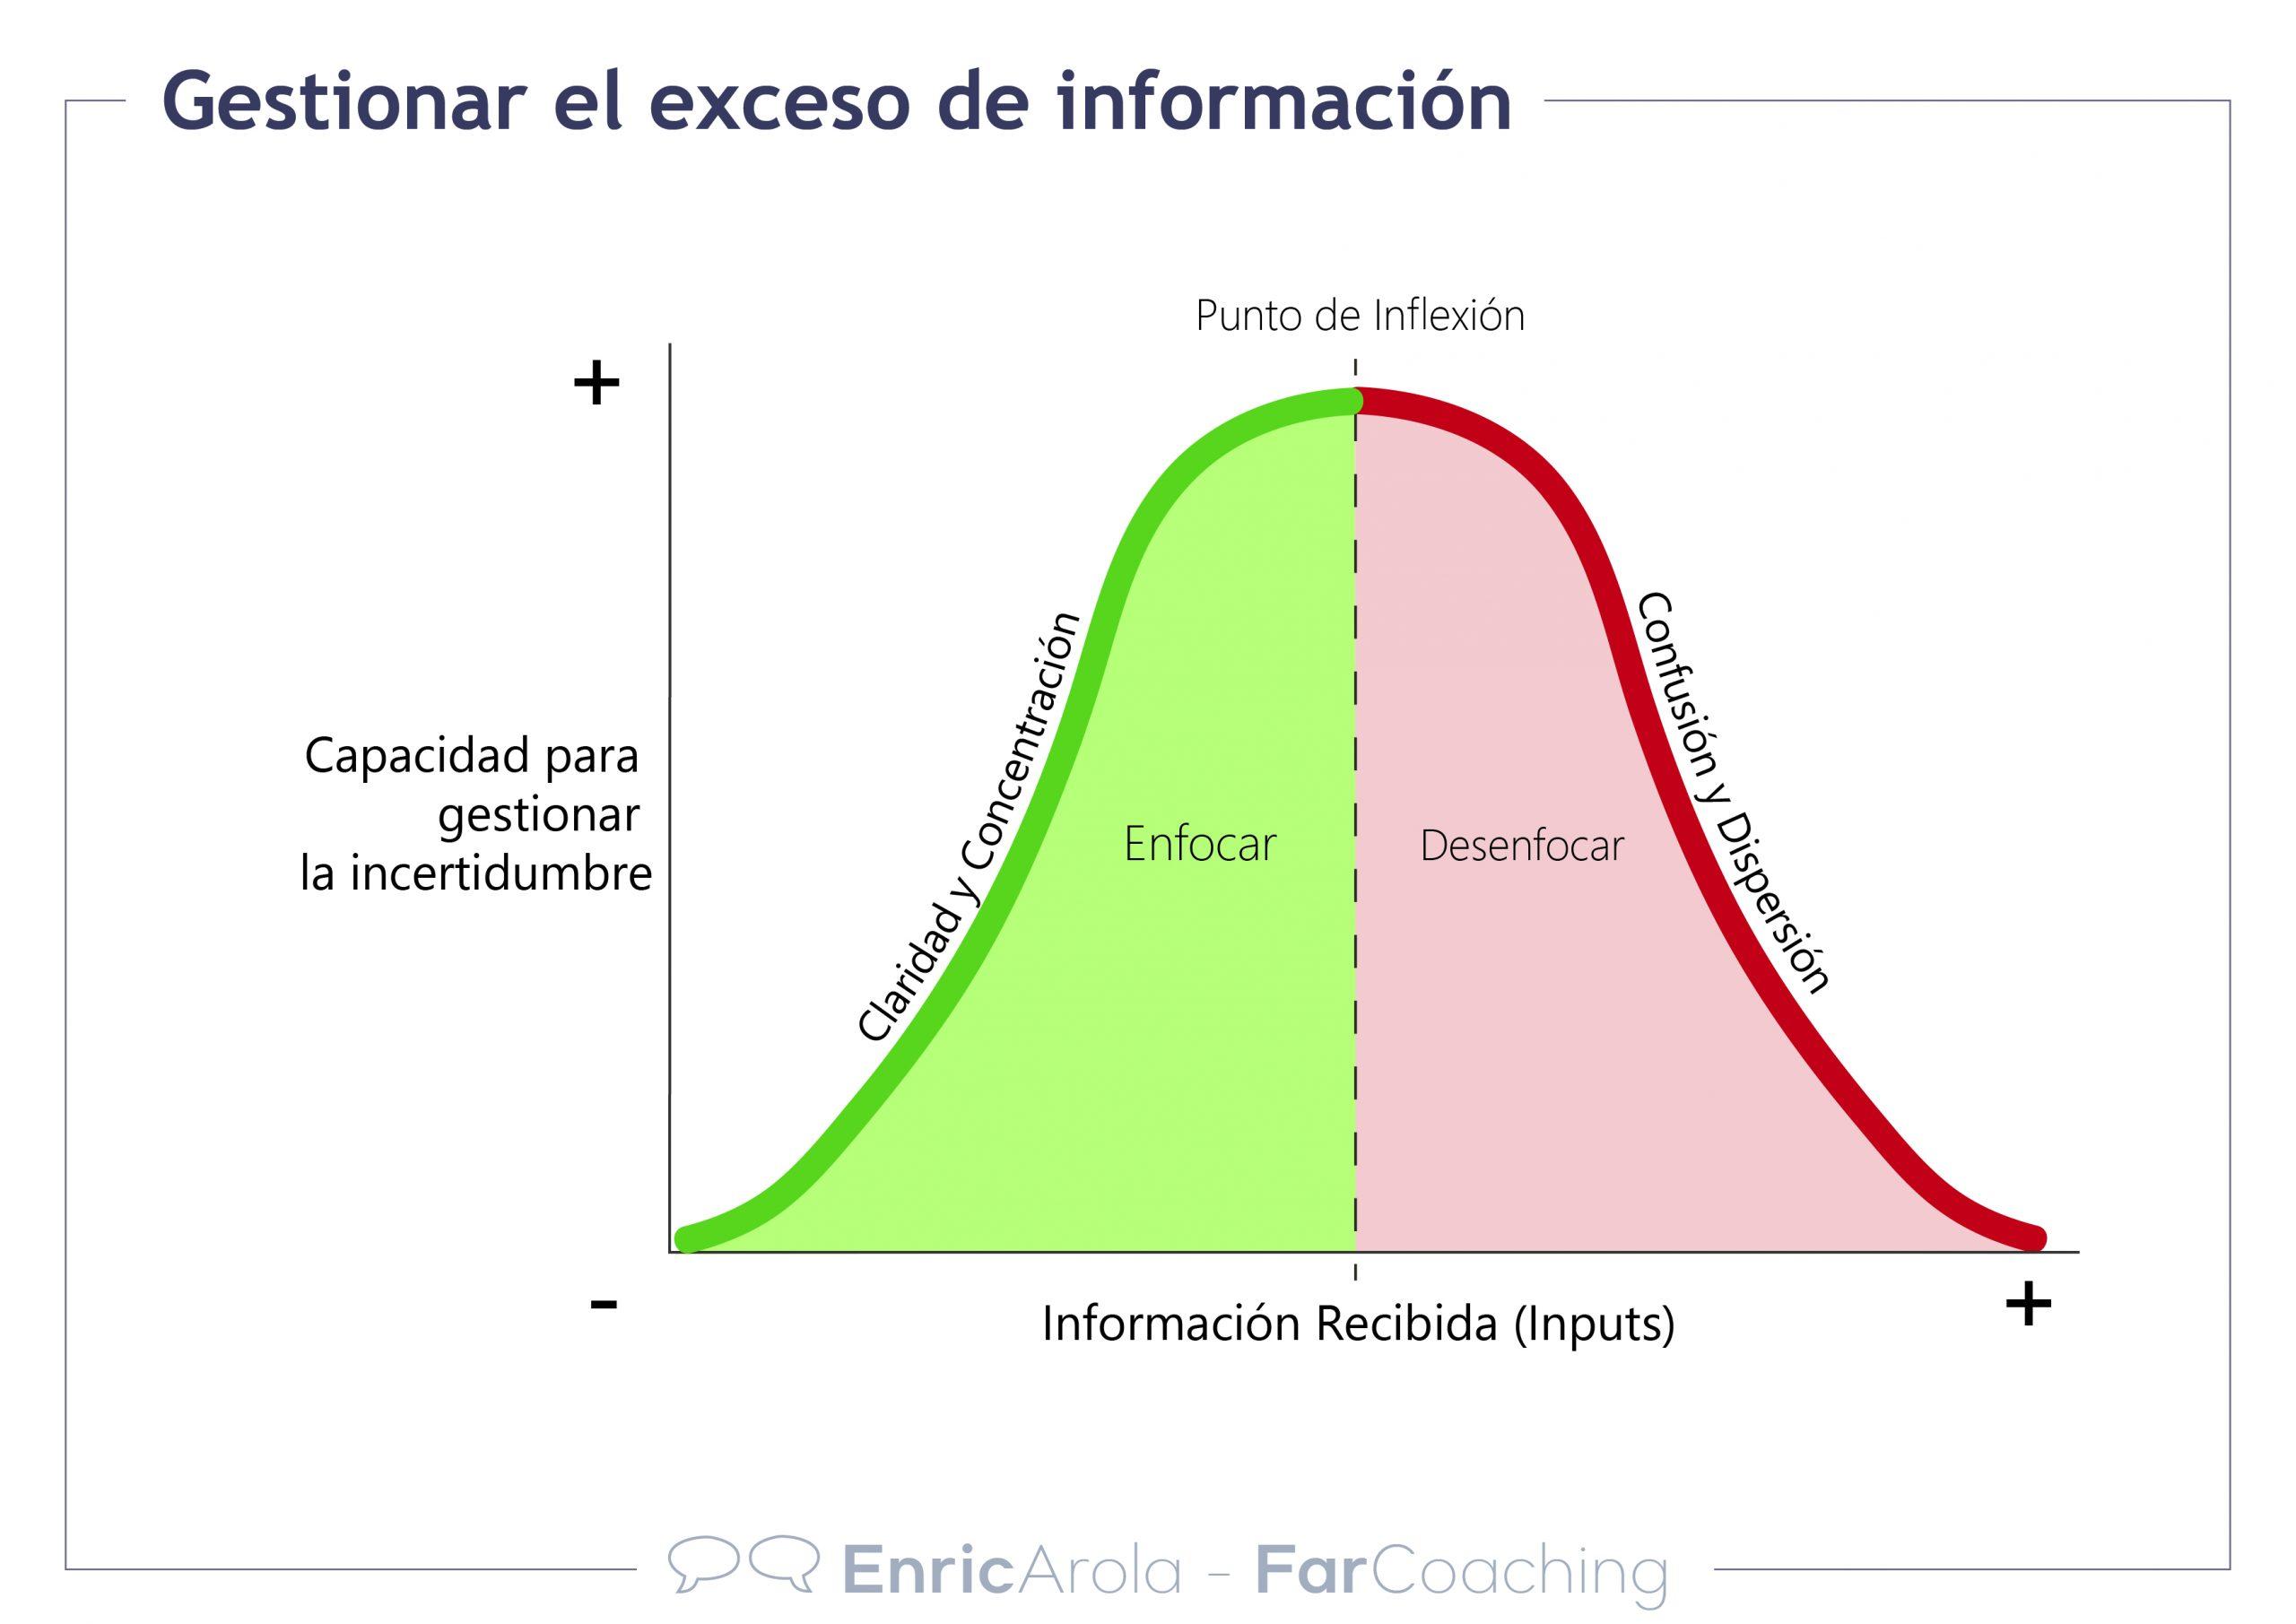 Gestionar el exceso de información